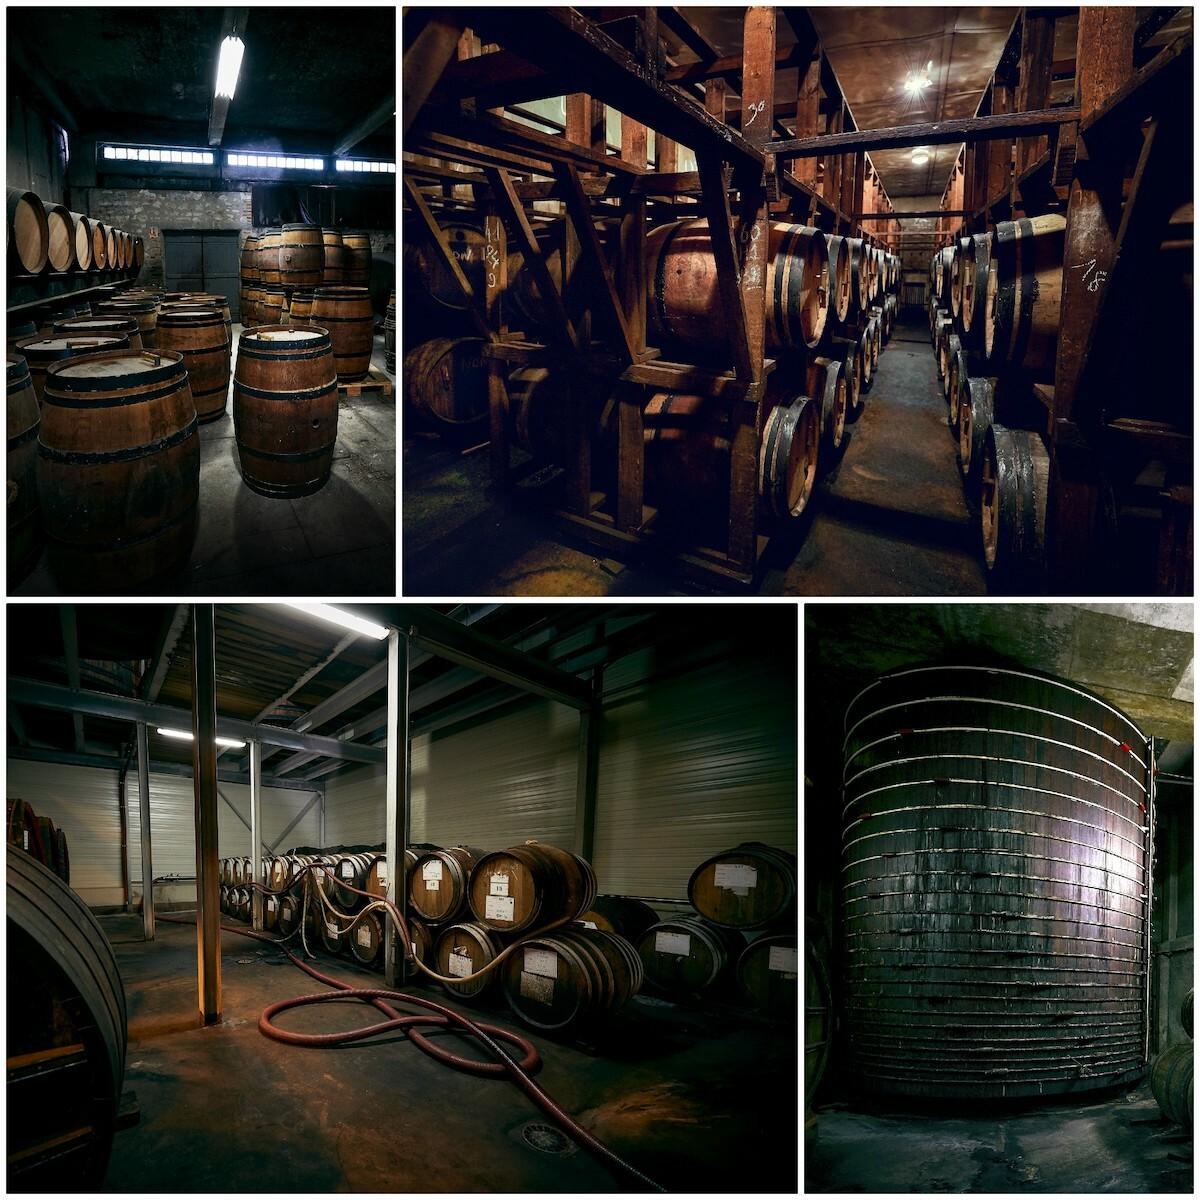 Fabrication du vinaigre d'Orléans chez Martin Pouret